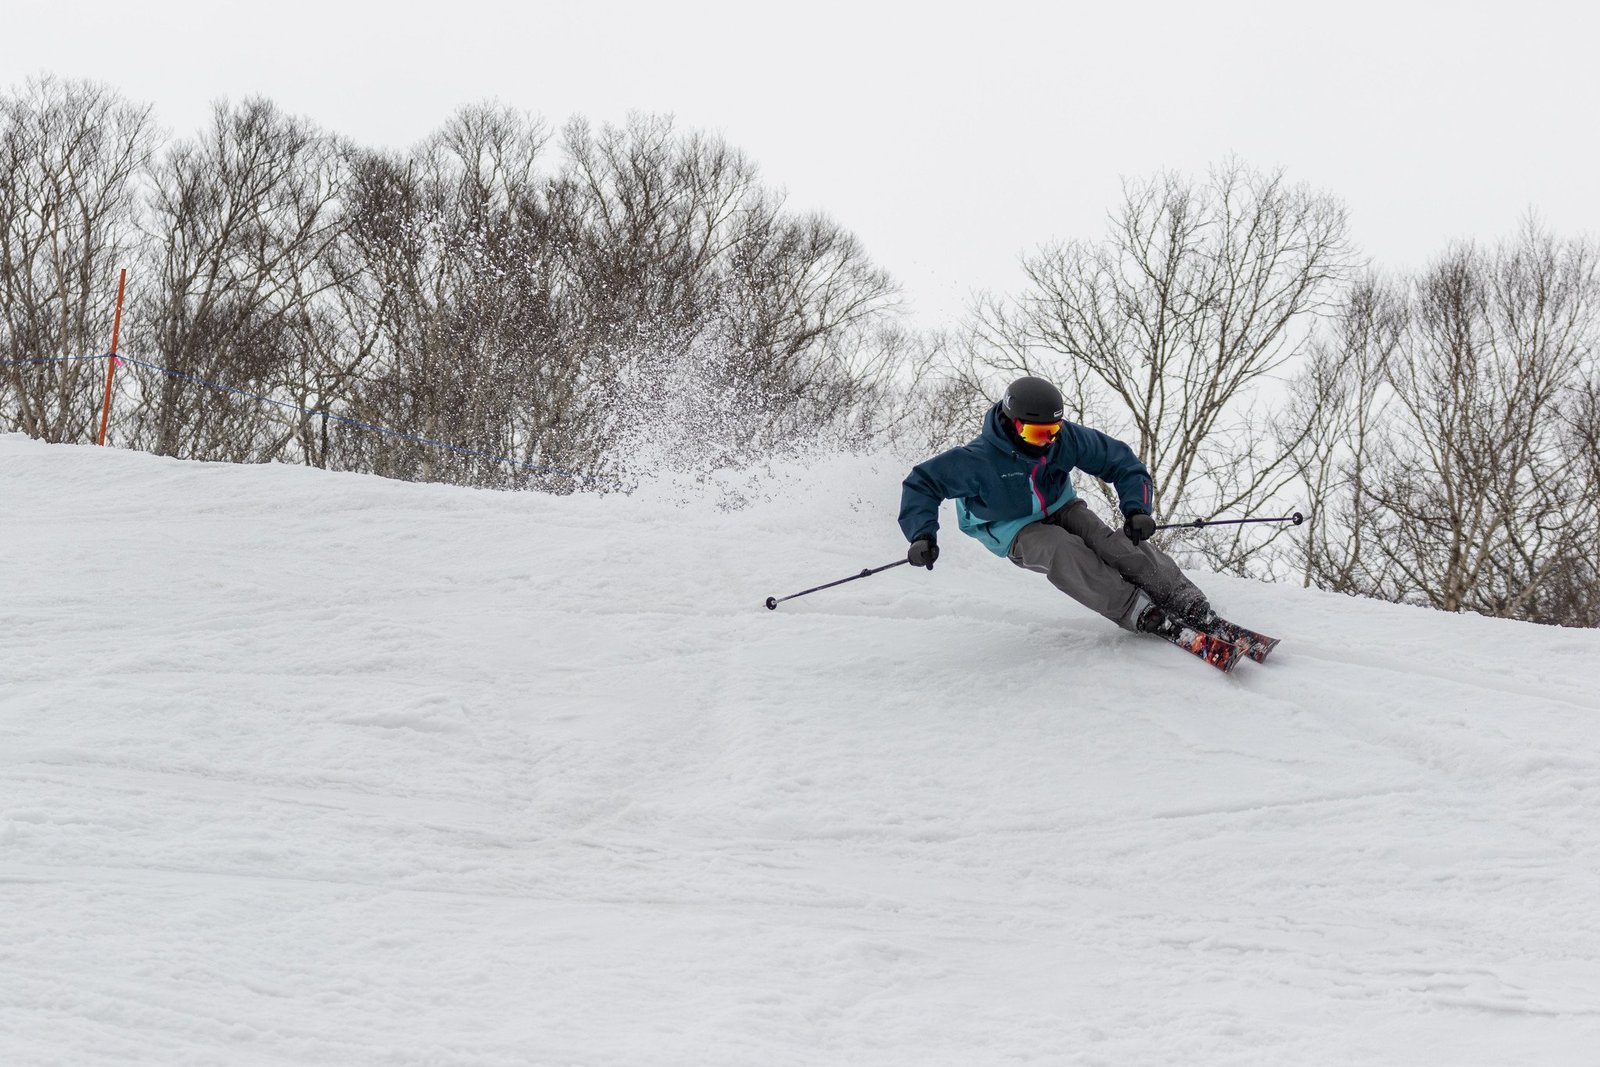 北海道でフリーライディングに挑戦する少年